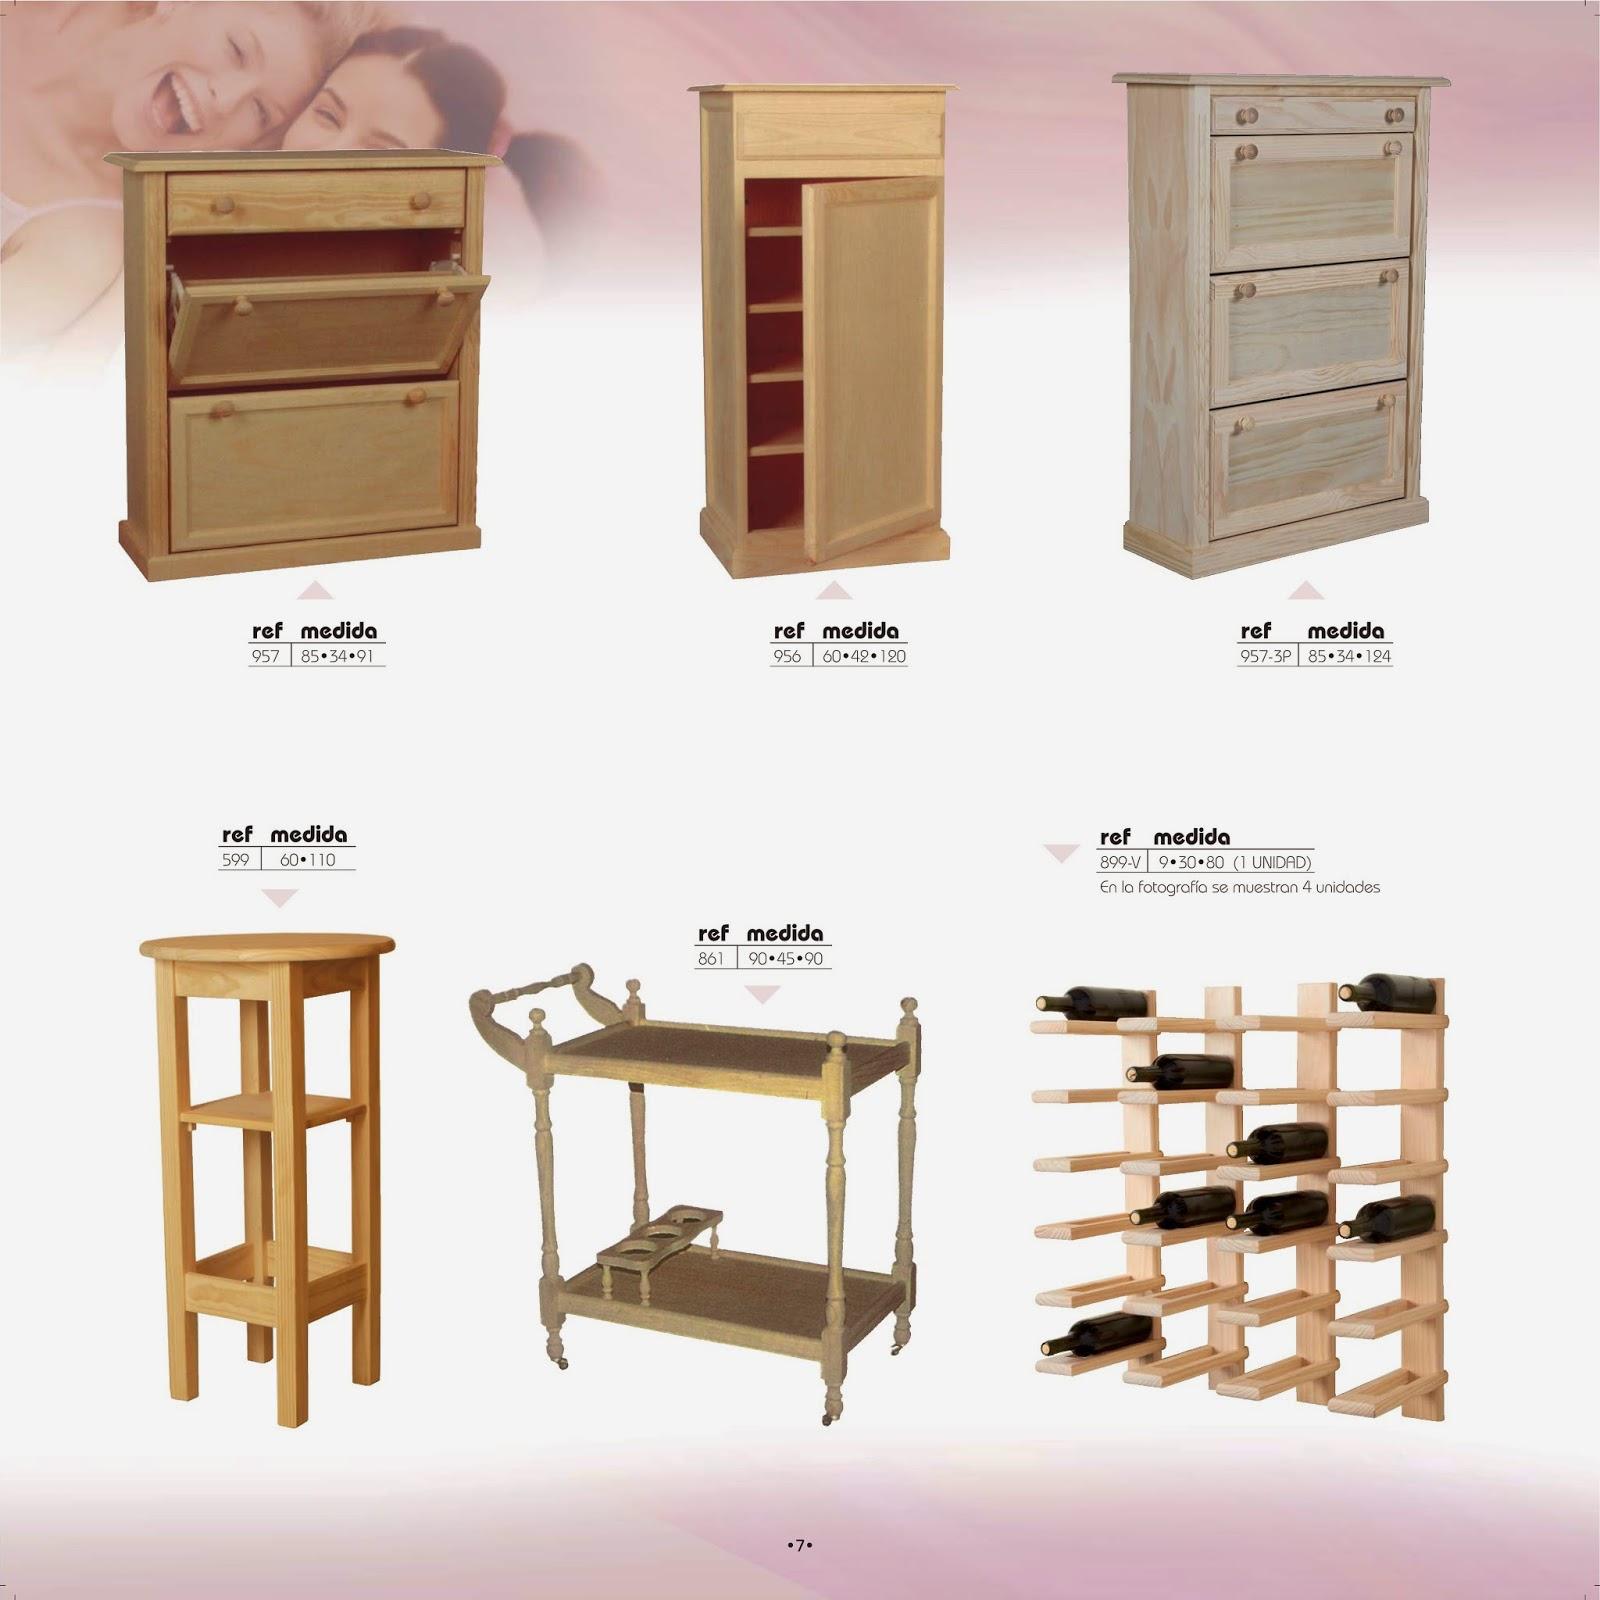 Catalogo Muebles En Crudo Muebles Con Los Que Redecorar Tu Hogar  # Muebles Sampuesanos